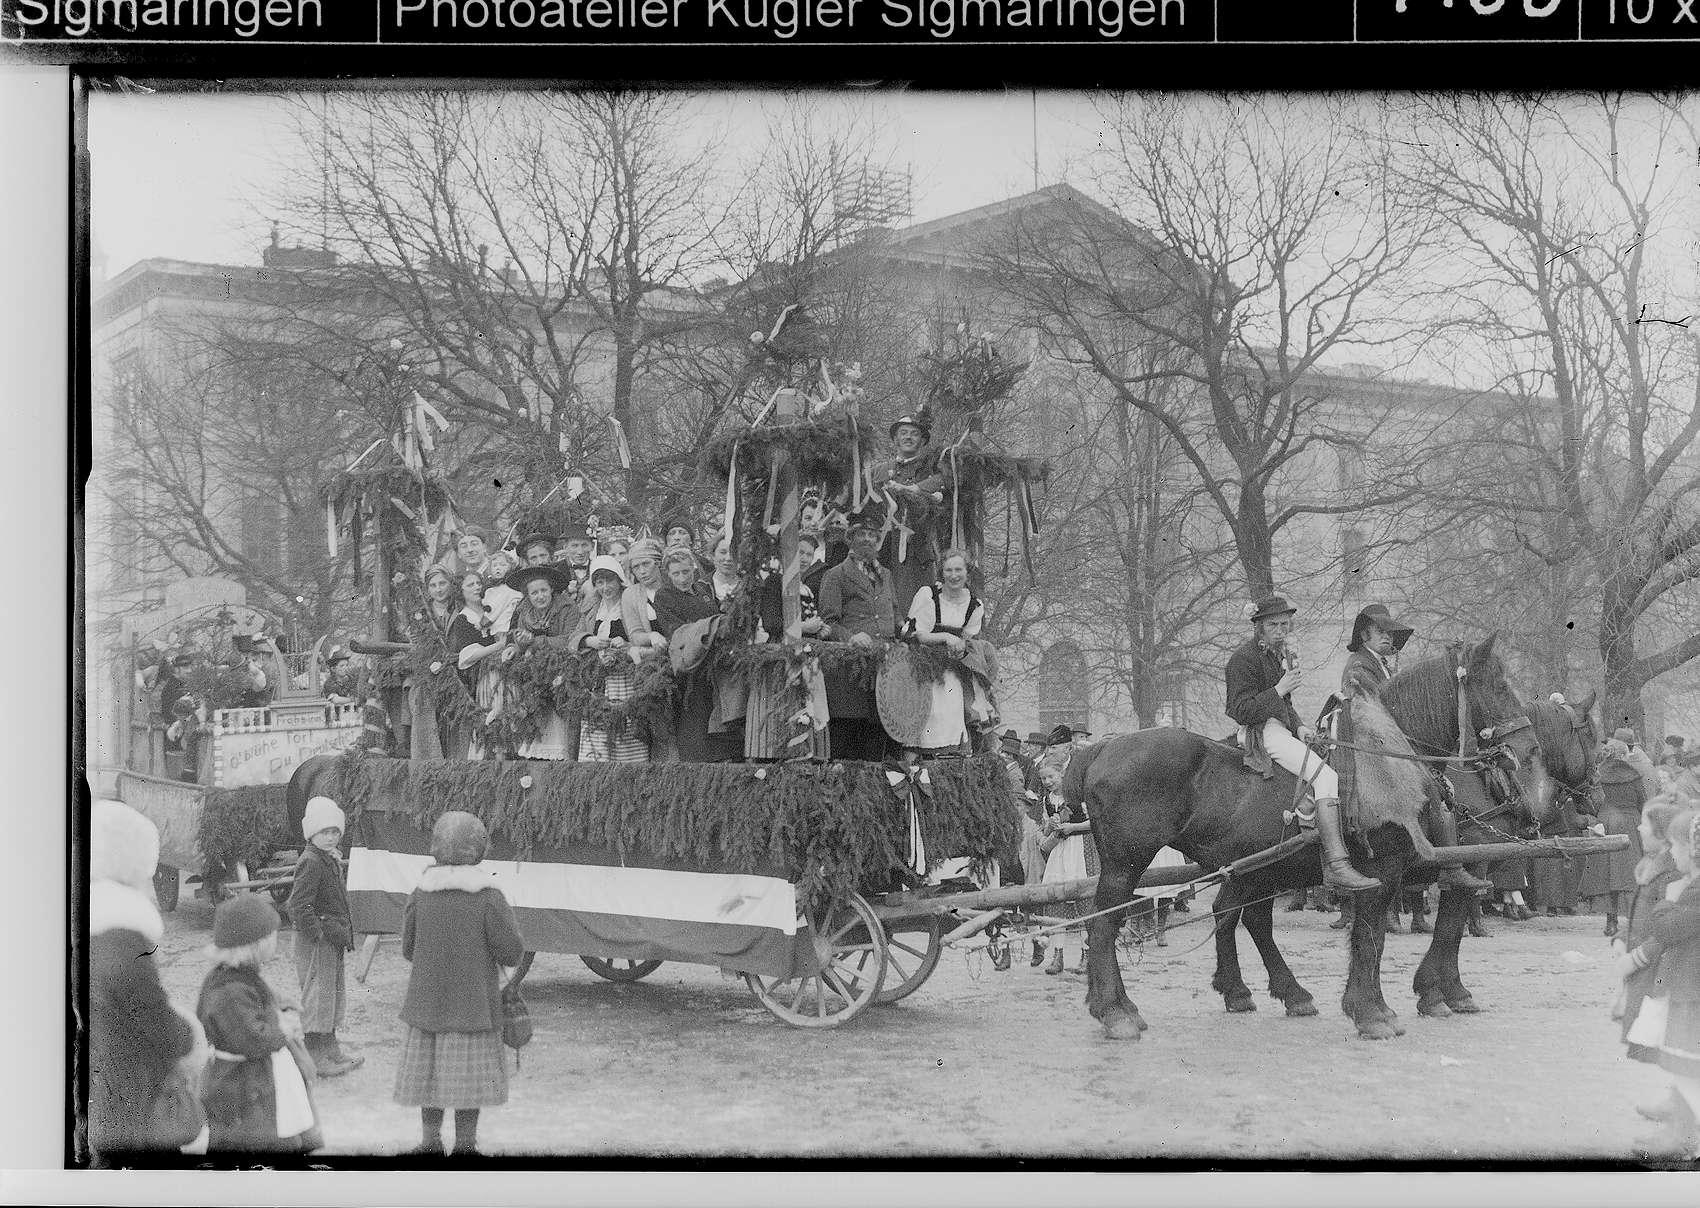 Fasnacht Sigmaringen; Umzugswagen vor der Landesbank auf dem Leopoldsplatz, Bild 1